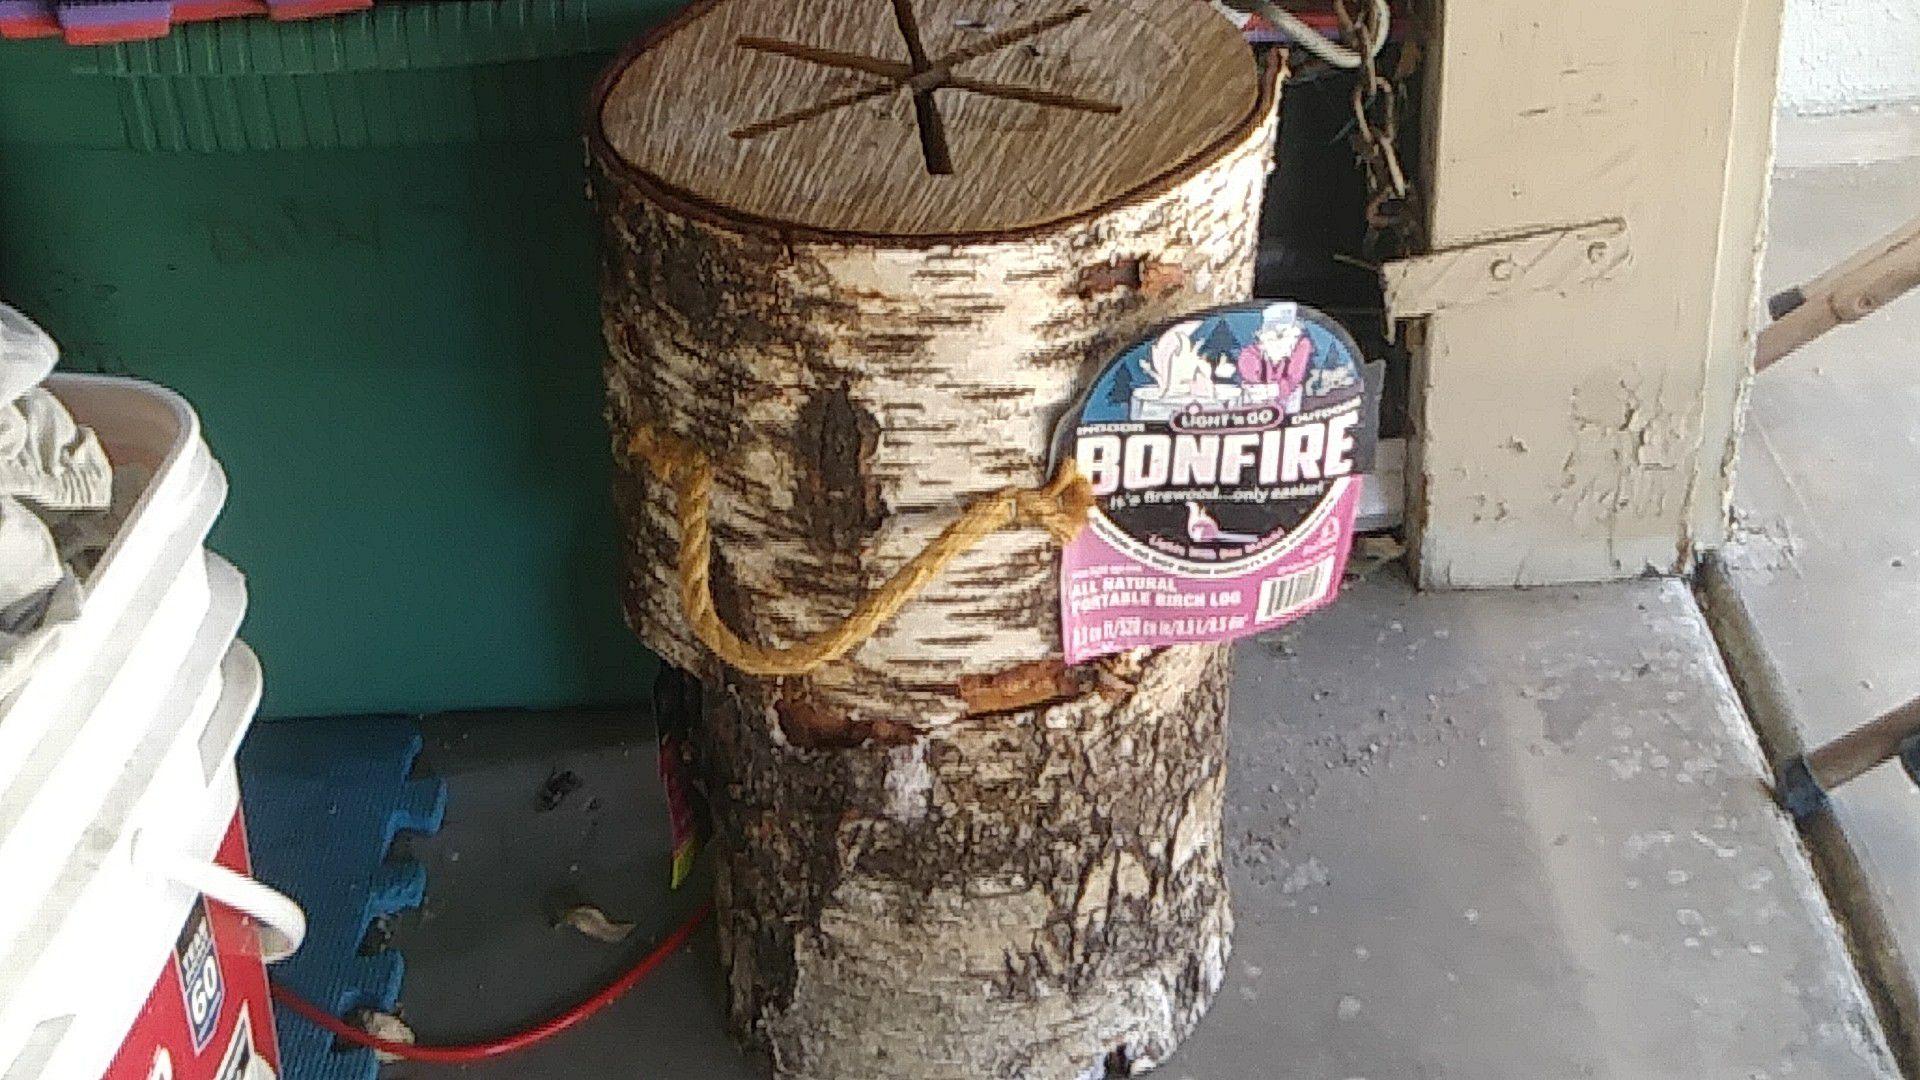 Bonfire logs